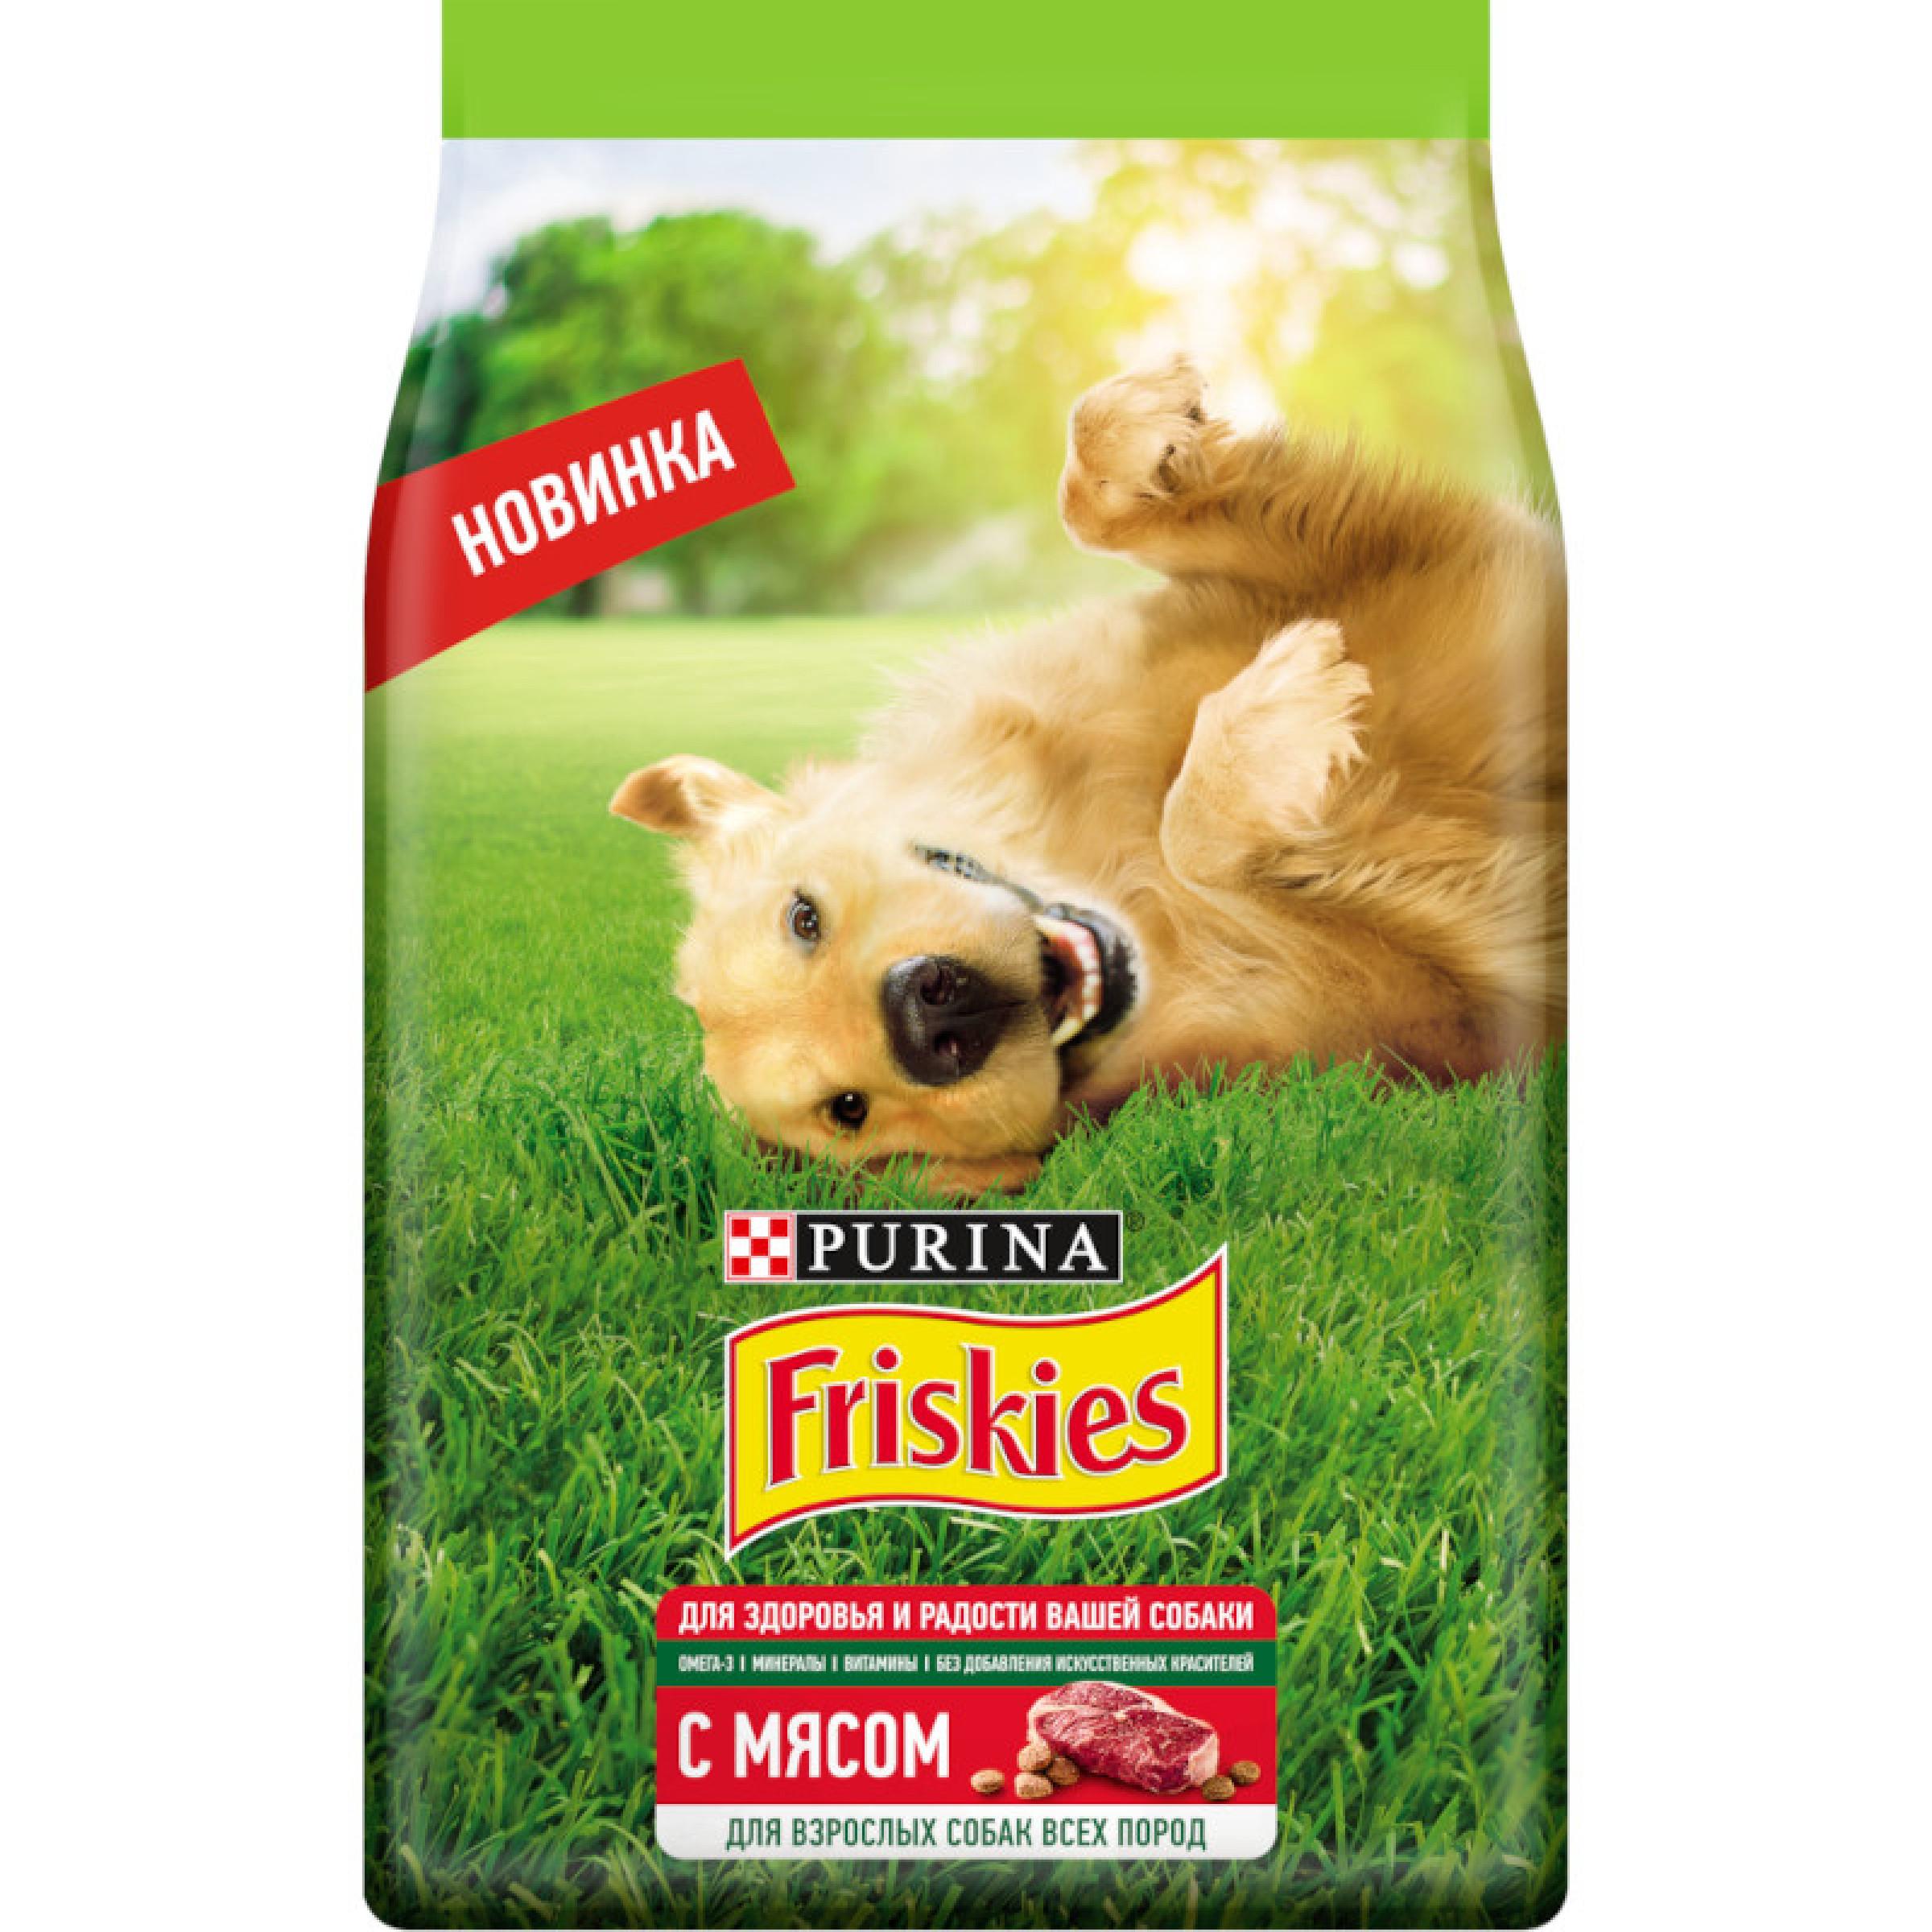 Friskies® для взрослых собак, с мясом, 500 г